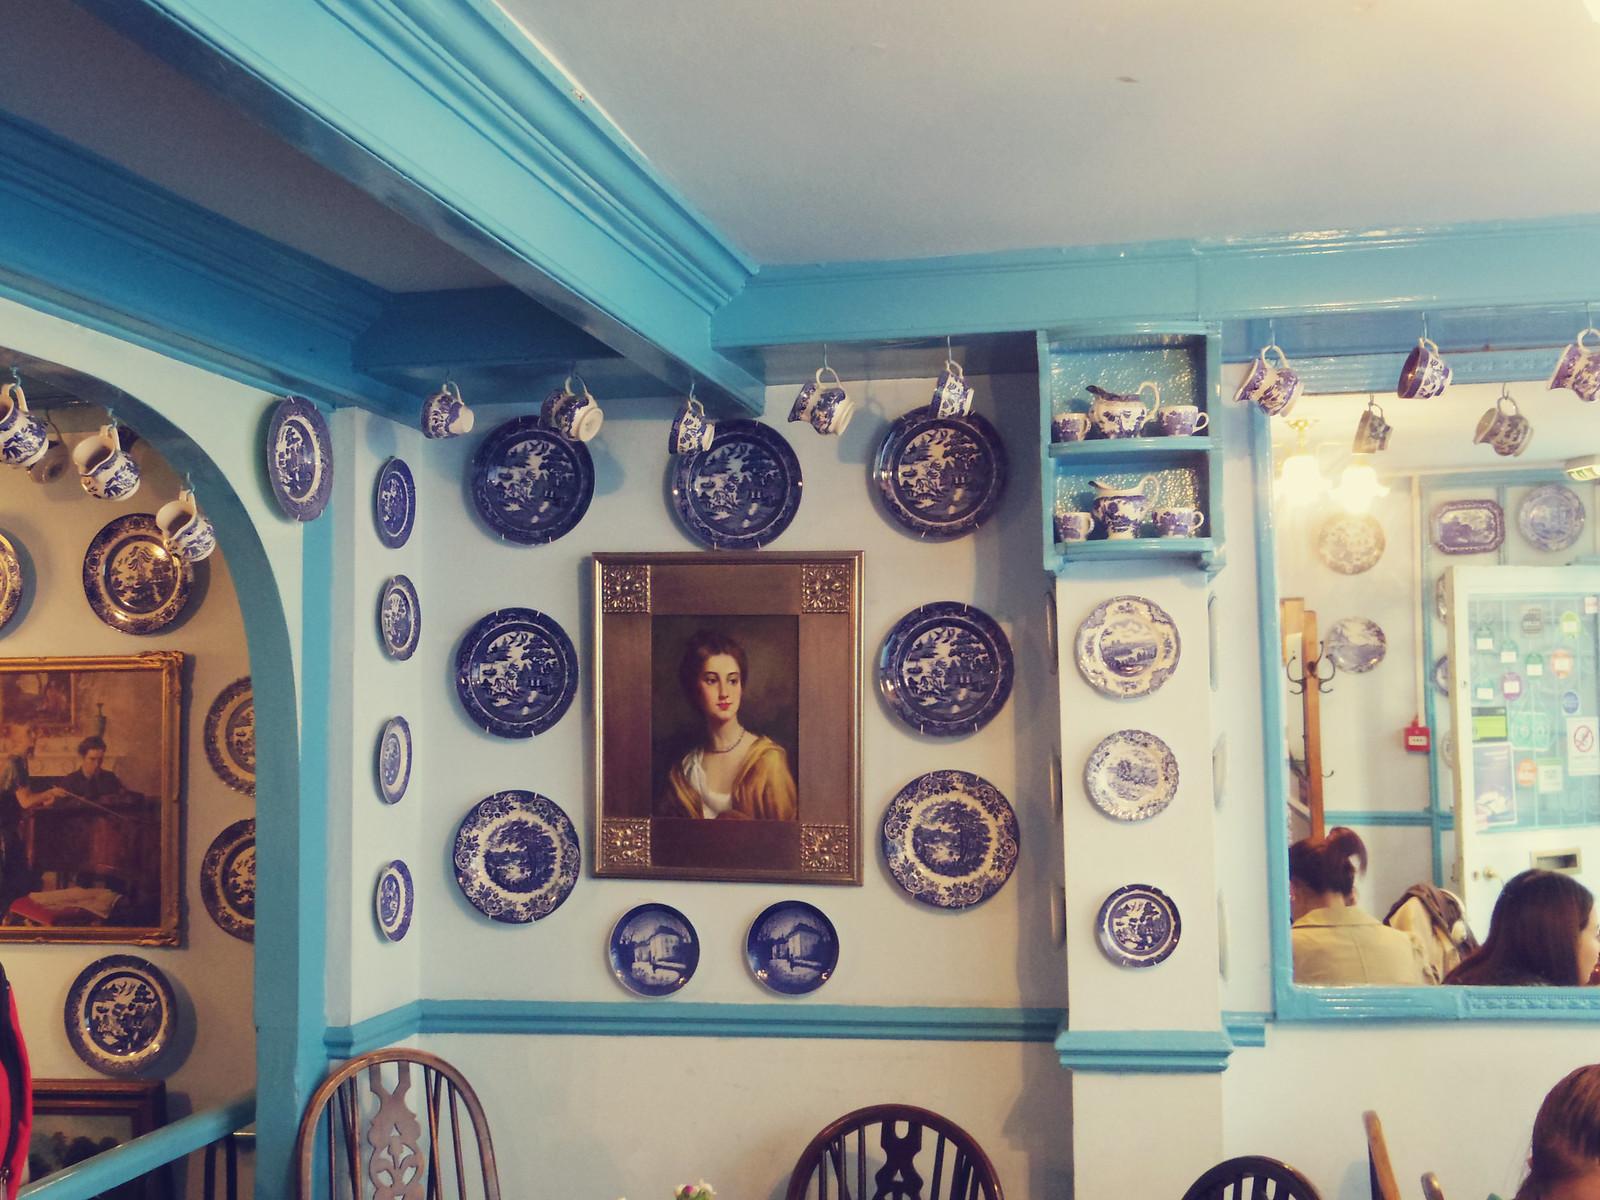 twee decor cafe interior